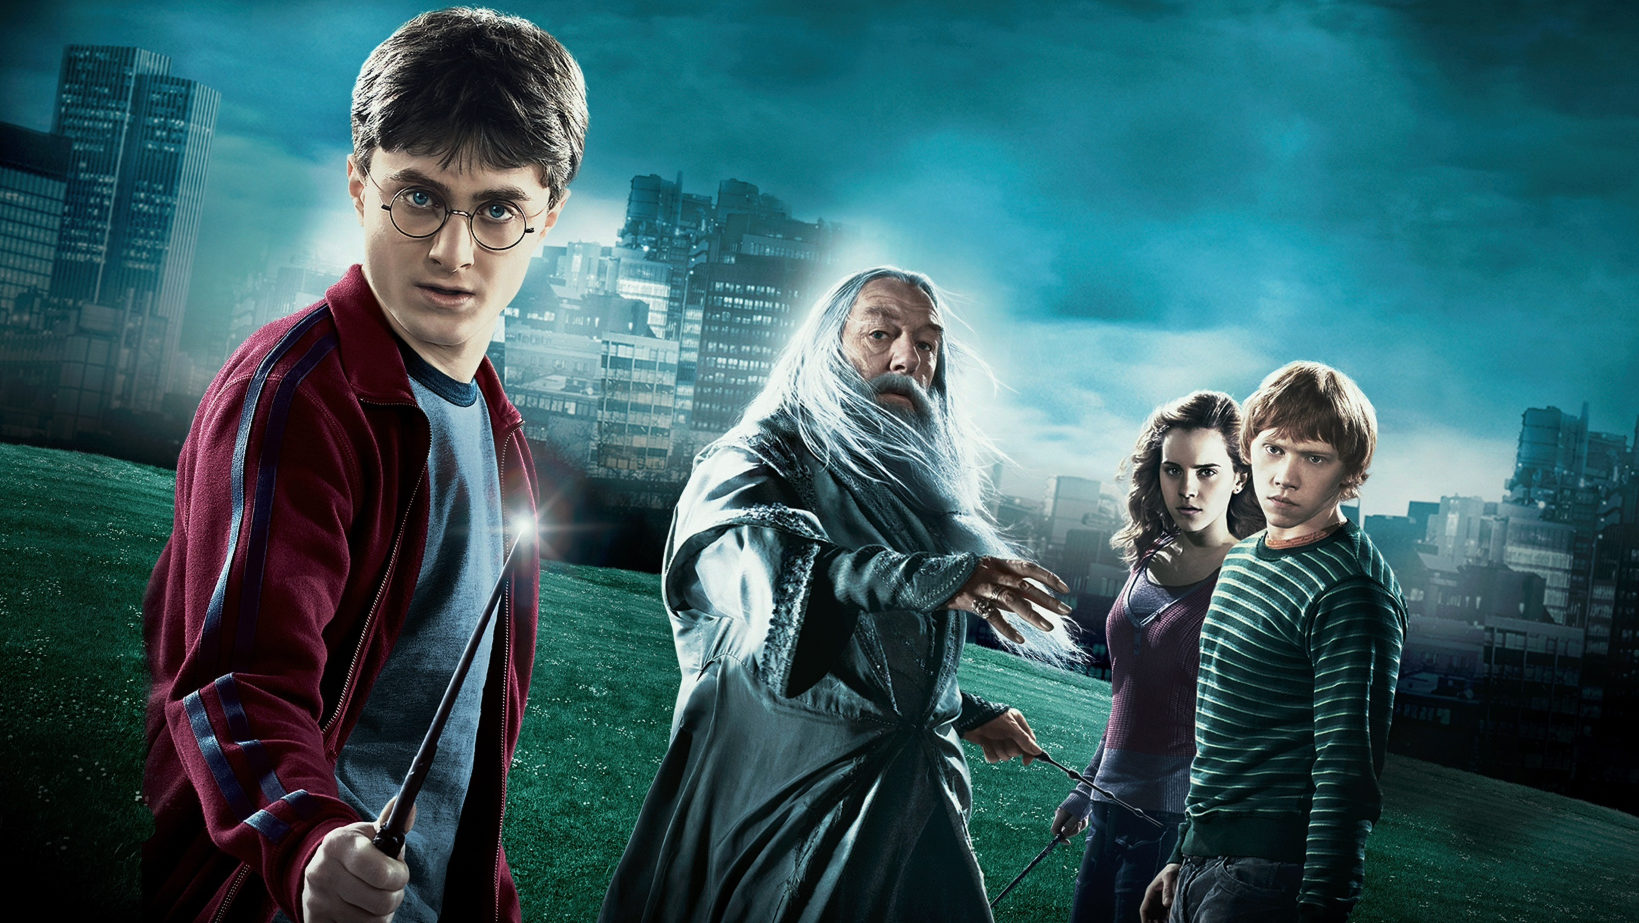 Harry Potter 6 Full Movie